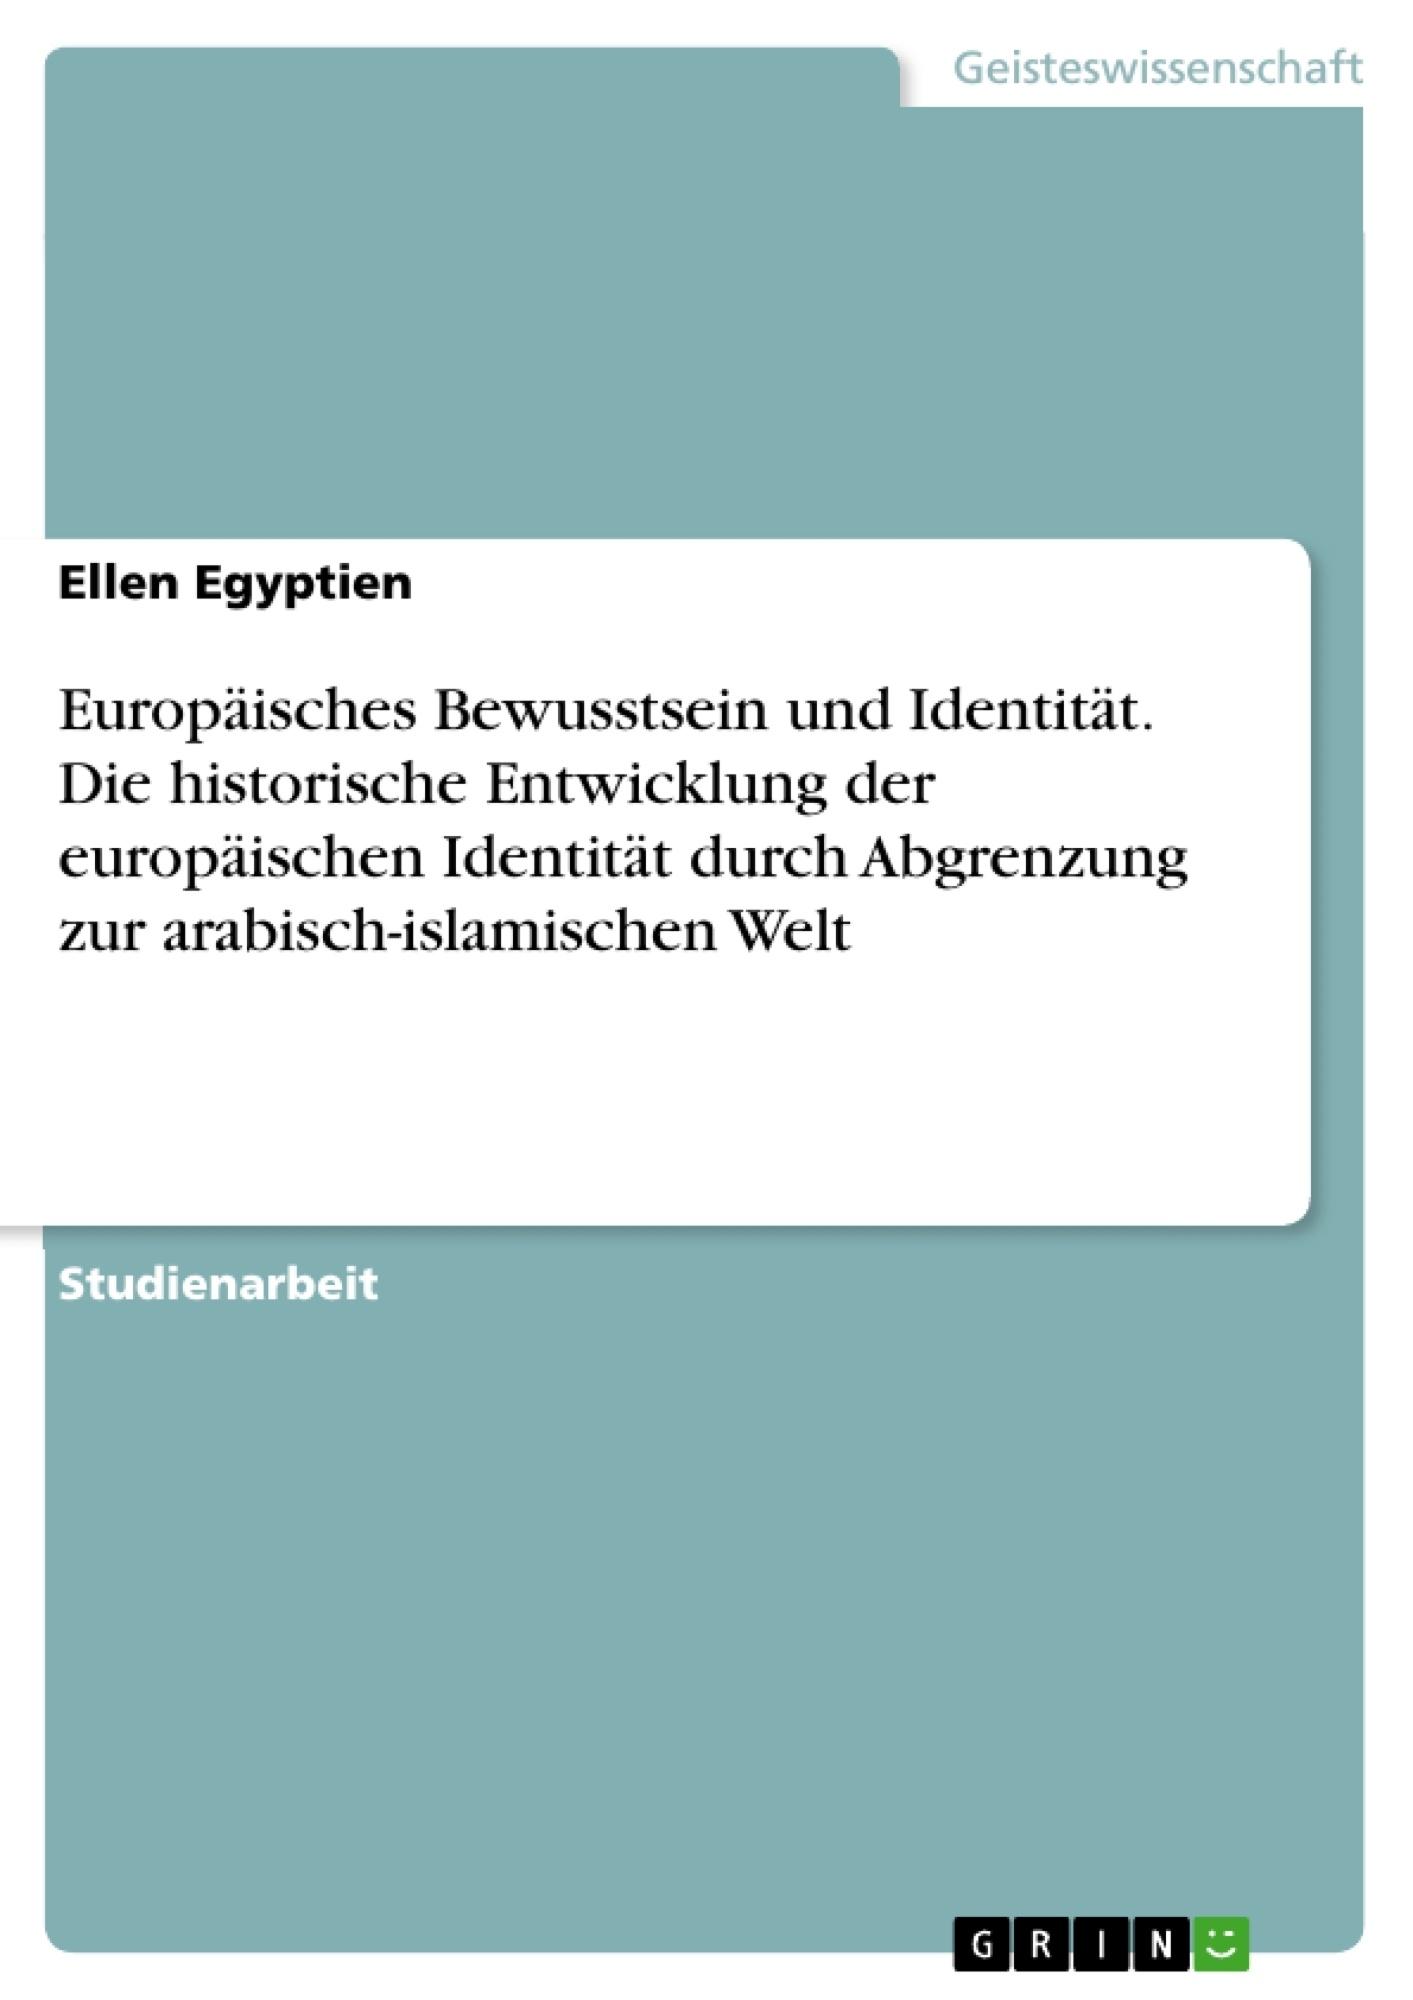 Titel: Europäisches Bewusstsein und Identität. Die historische Entwicklung der europäischen Identität durch Abgrenzung zur arabisch-islamischen Welt